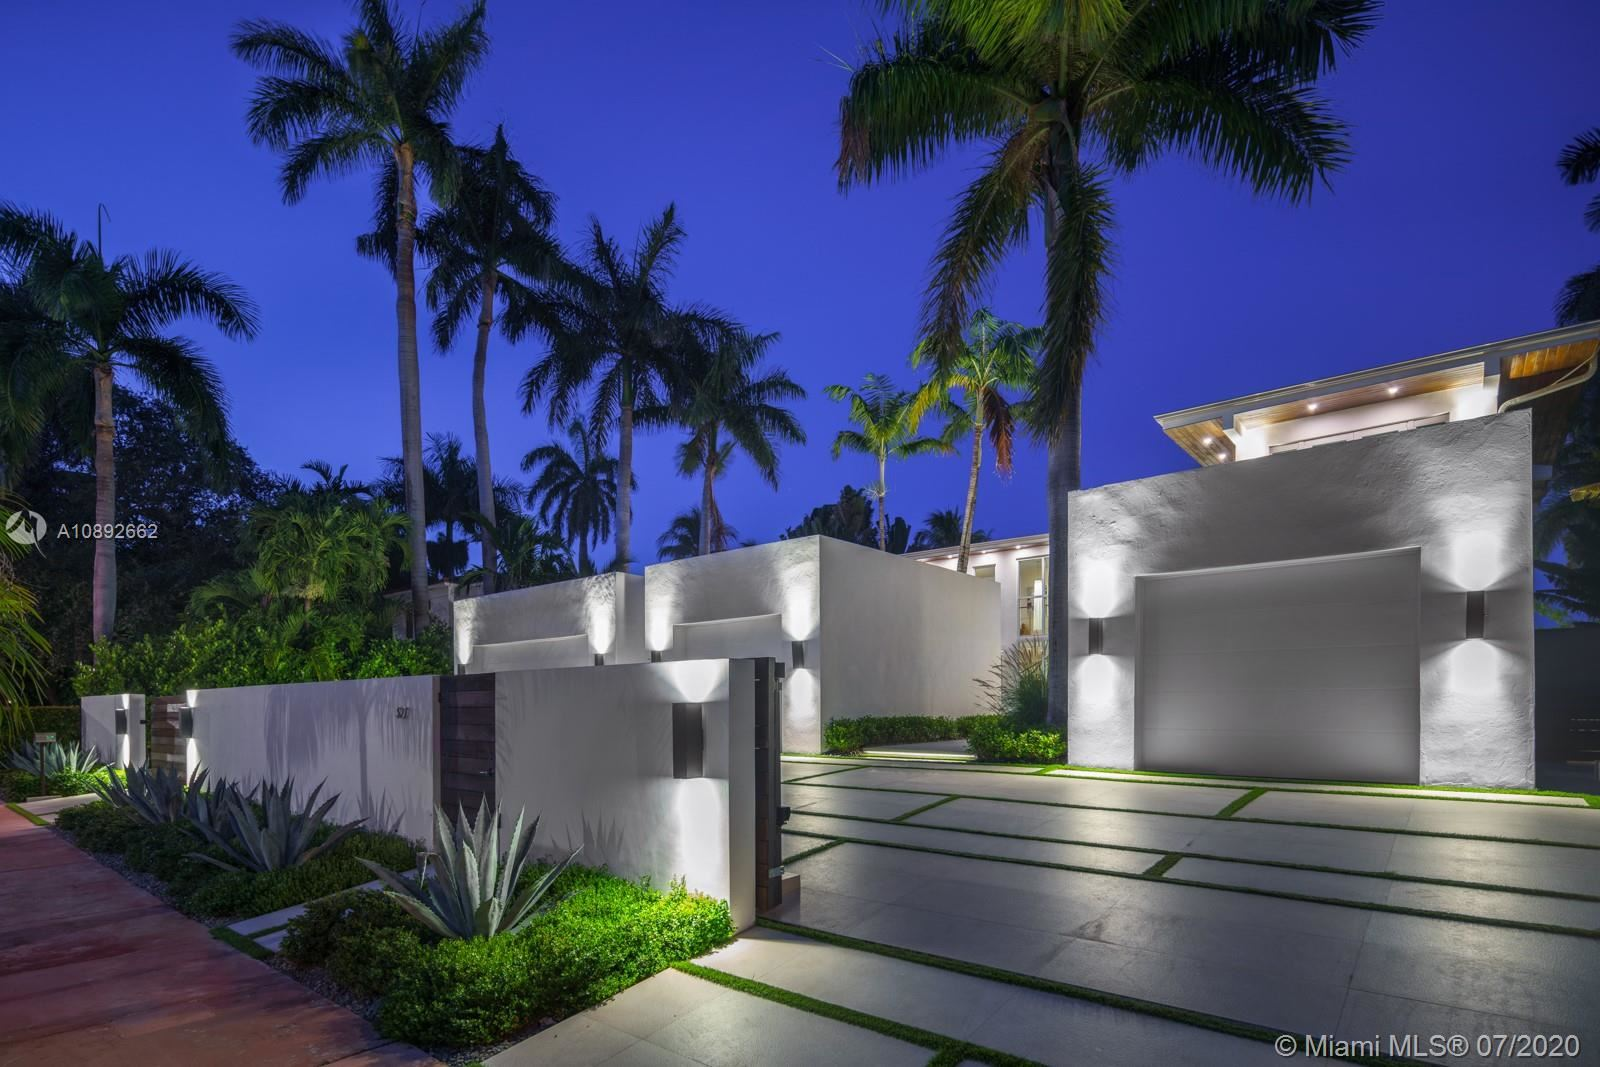 Photo 23 of Listing MLS a10892662 in 327 E Rivo Alto Dr Miami Beach FL 33139